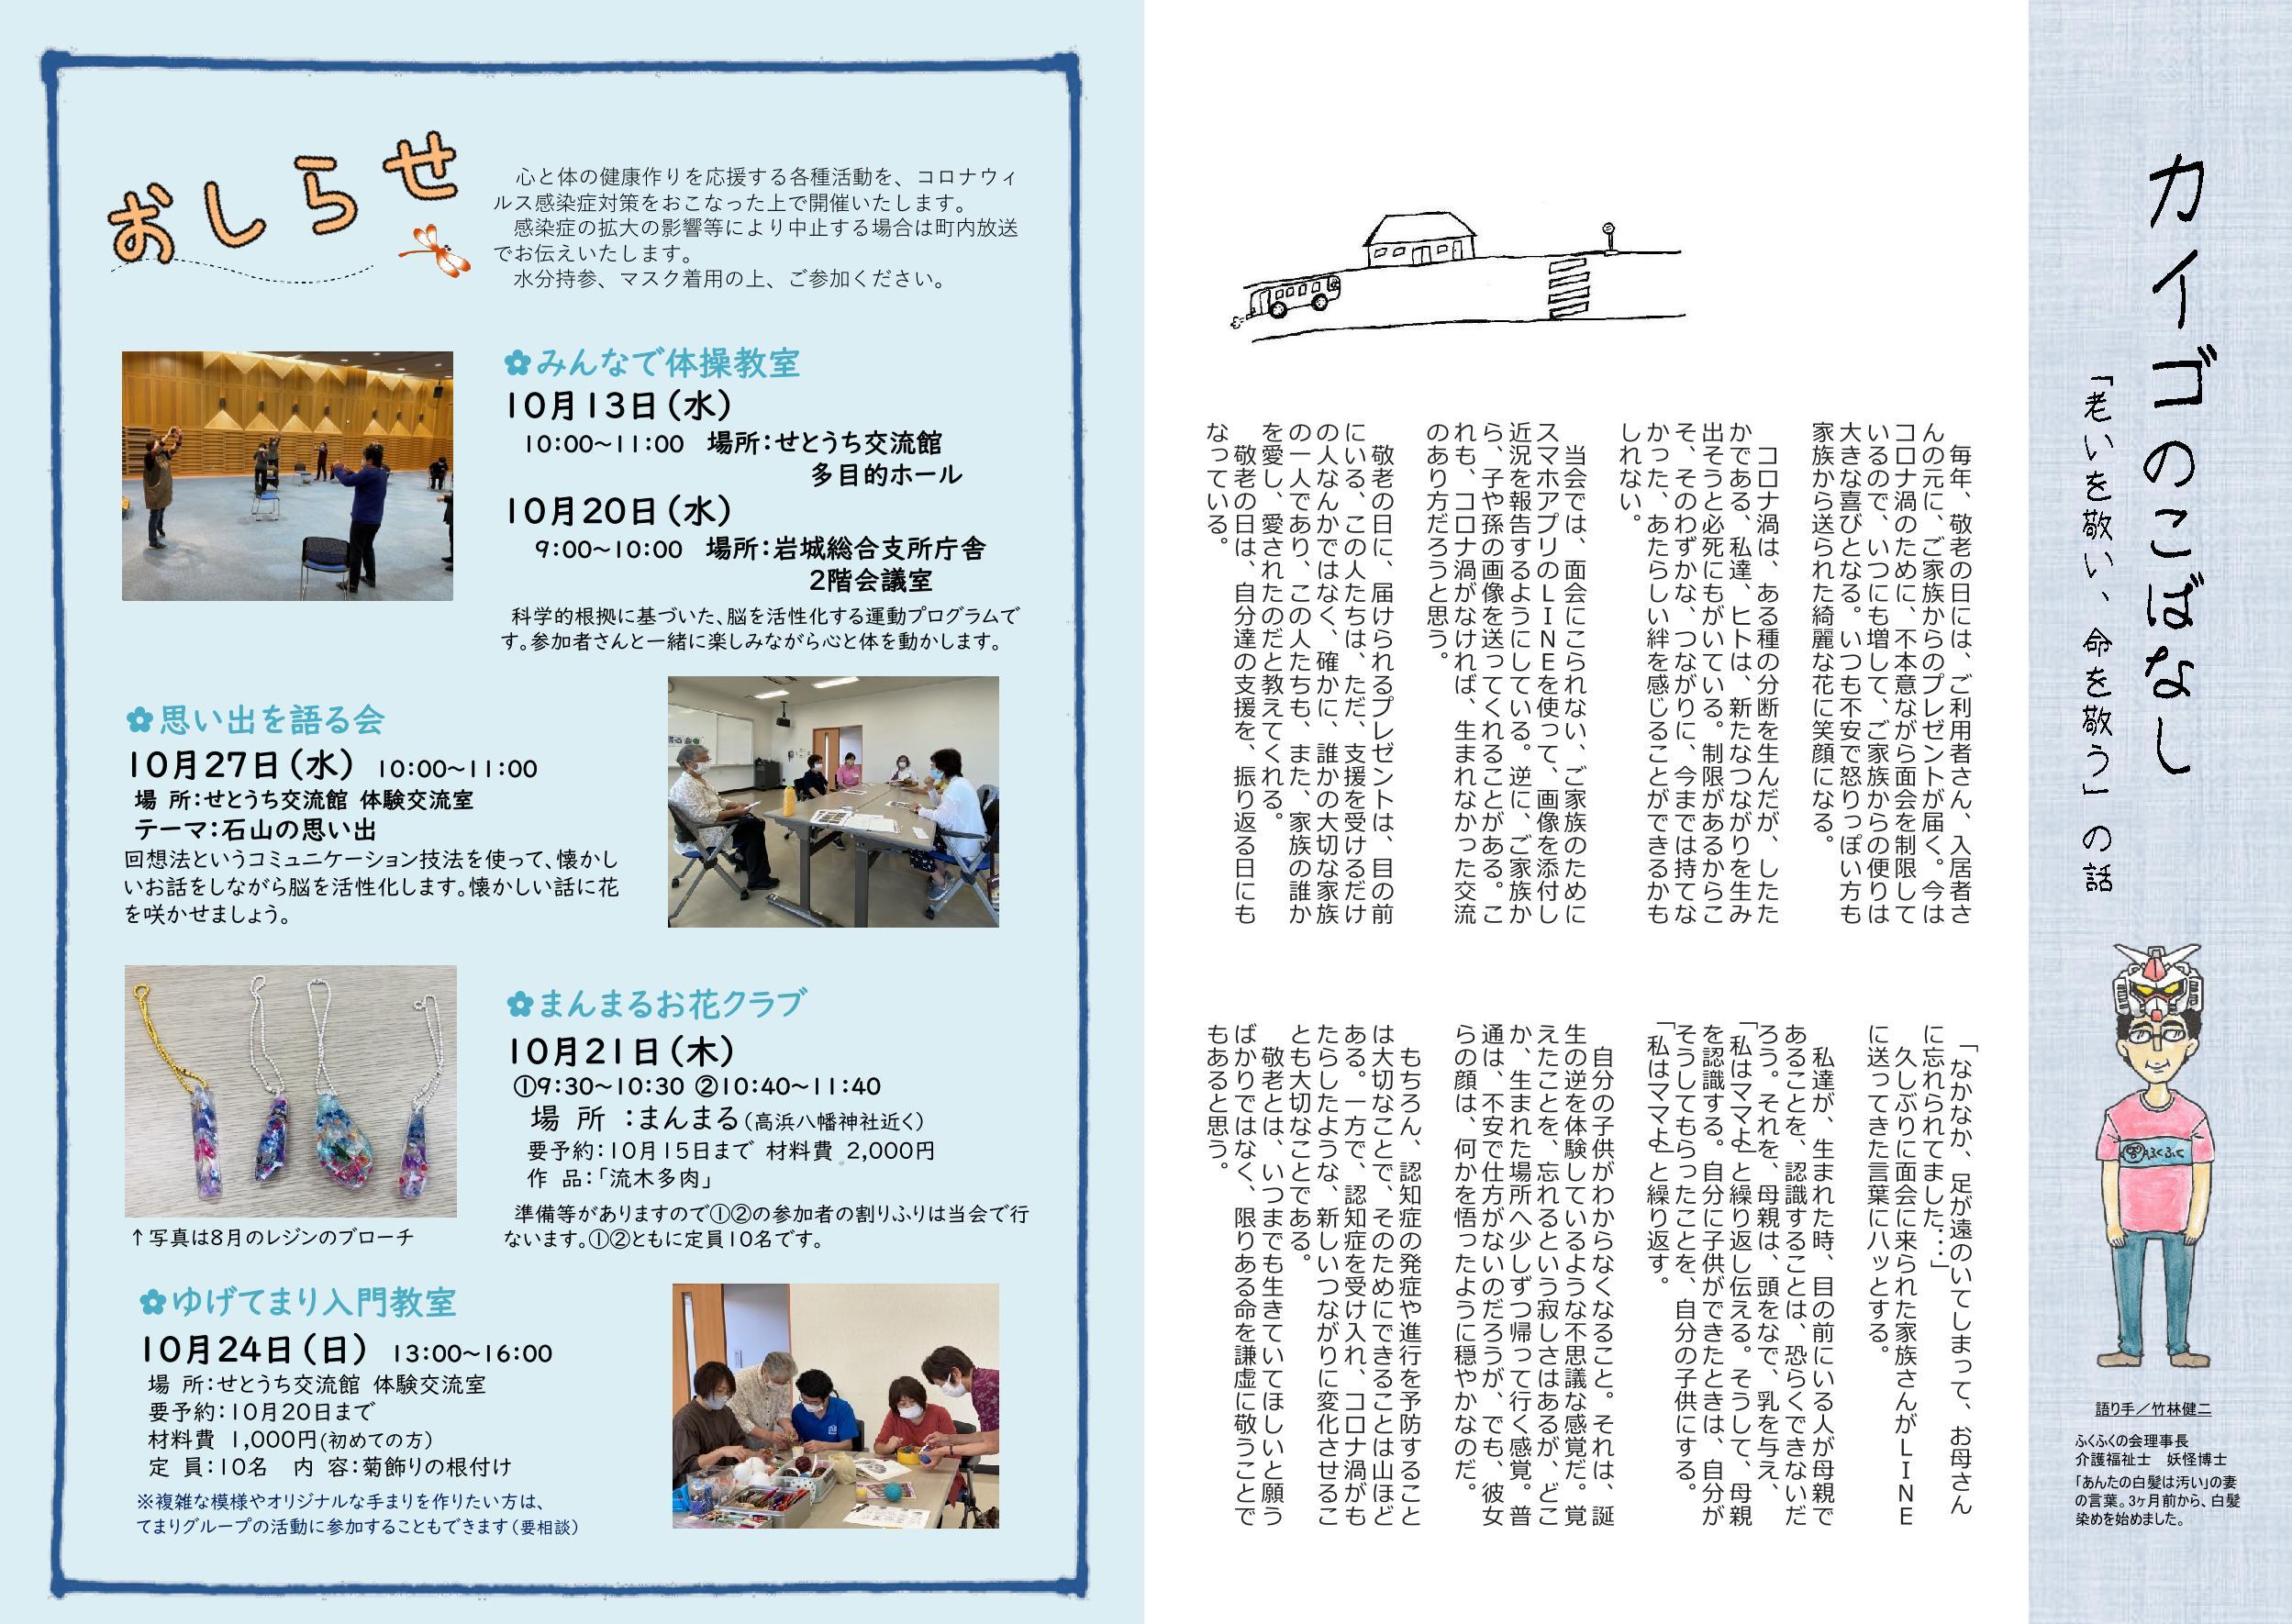 http://fukufukunokai.com/newsletter/images/9%E6%9C%88%E5%8F%B73_cropped_4.jpeg